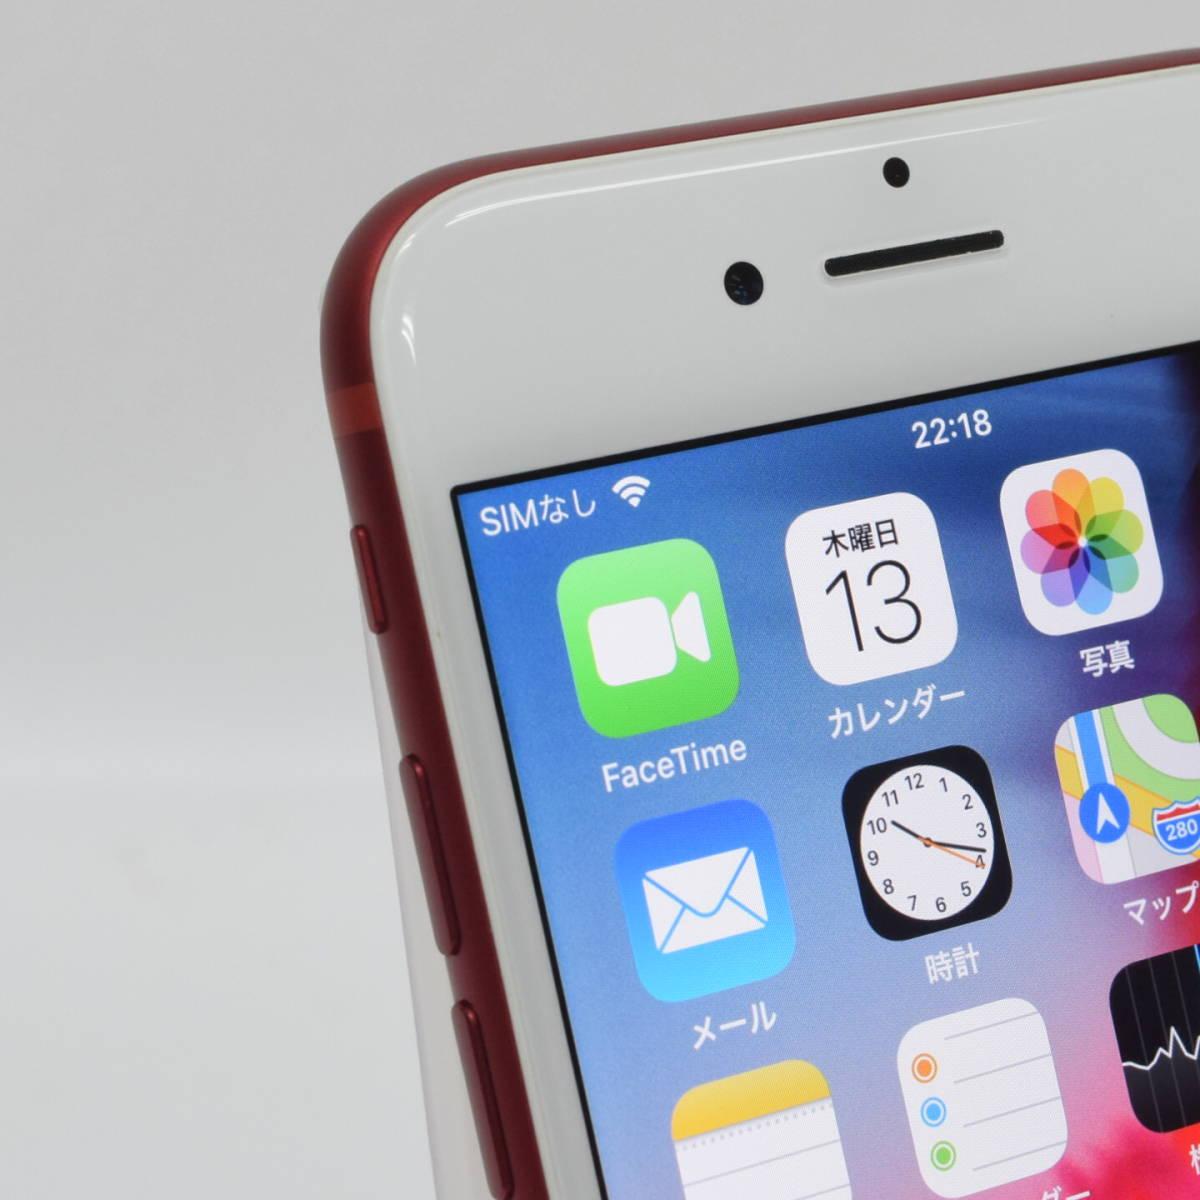 [TA503] 超美品 SIMフリー iPhone7 PRODUCT RED 128GB 付属品未使用 MPRX2J/A A1779 プロダクト レッド _画像3